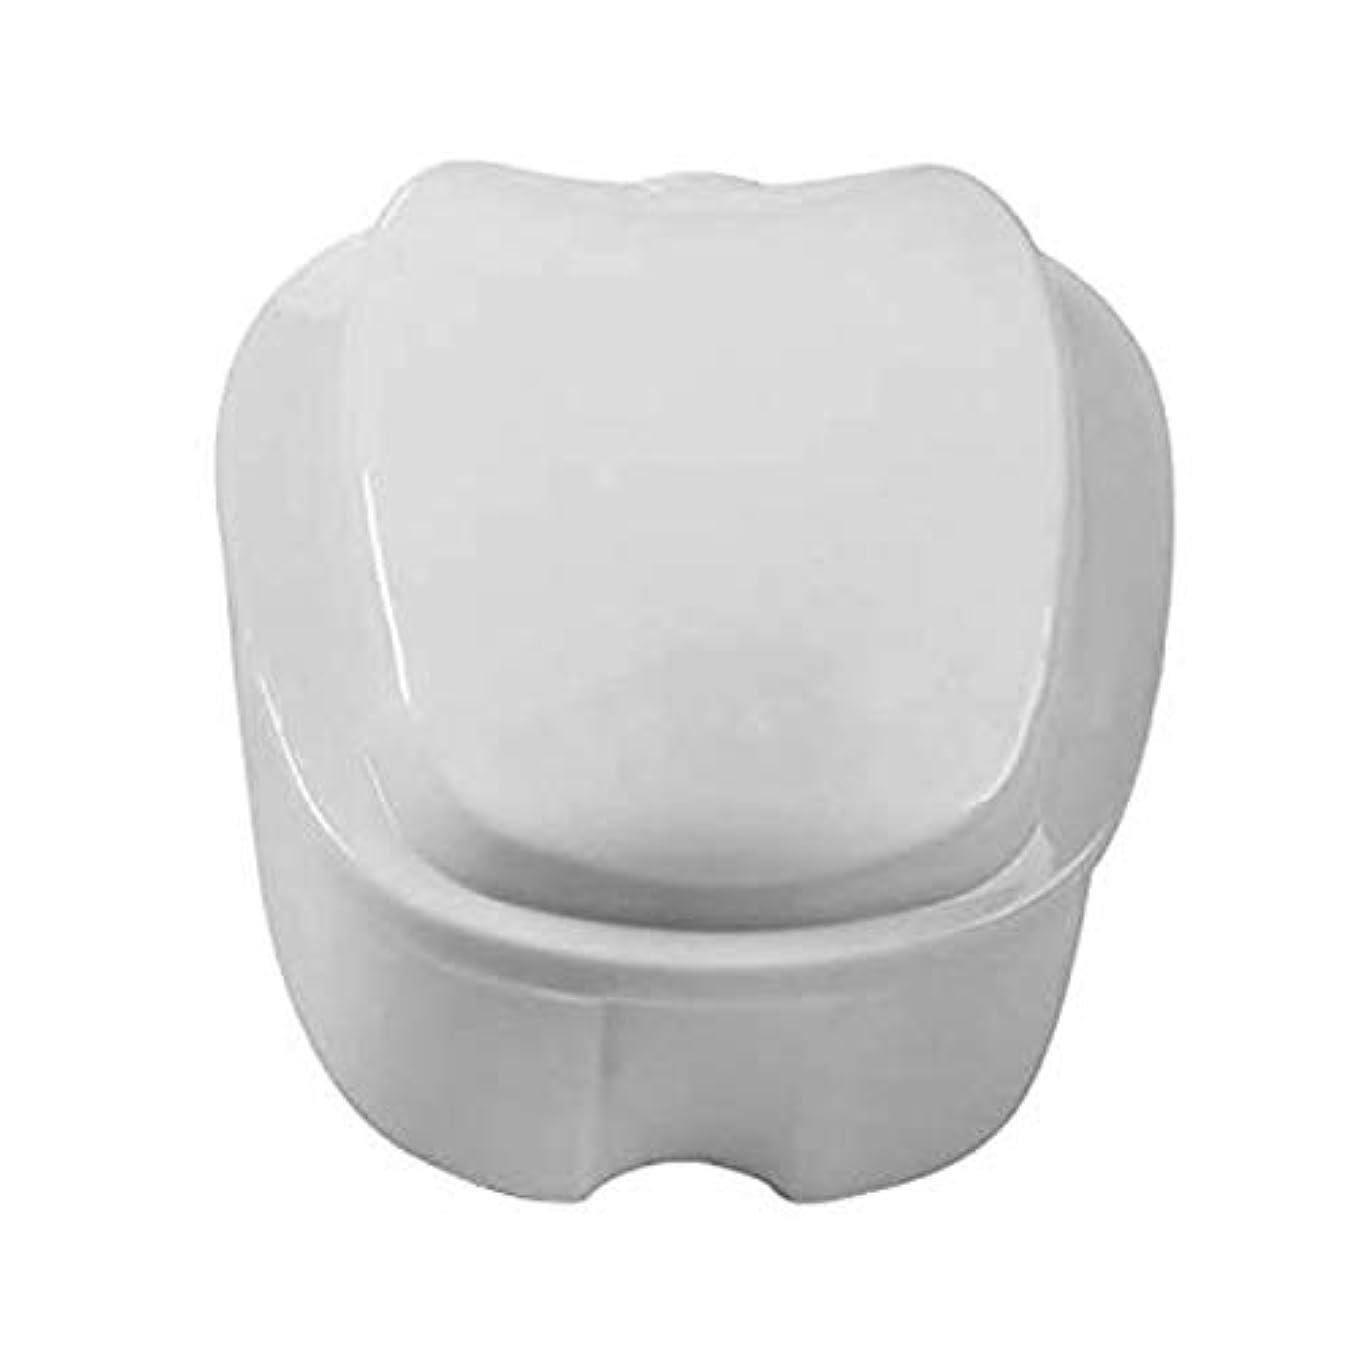 組み込む上げる妥協CoiTek 入れ歯 ケース 義歯容器 家庭旅行用 ストレーナー付き(ホワイト)